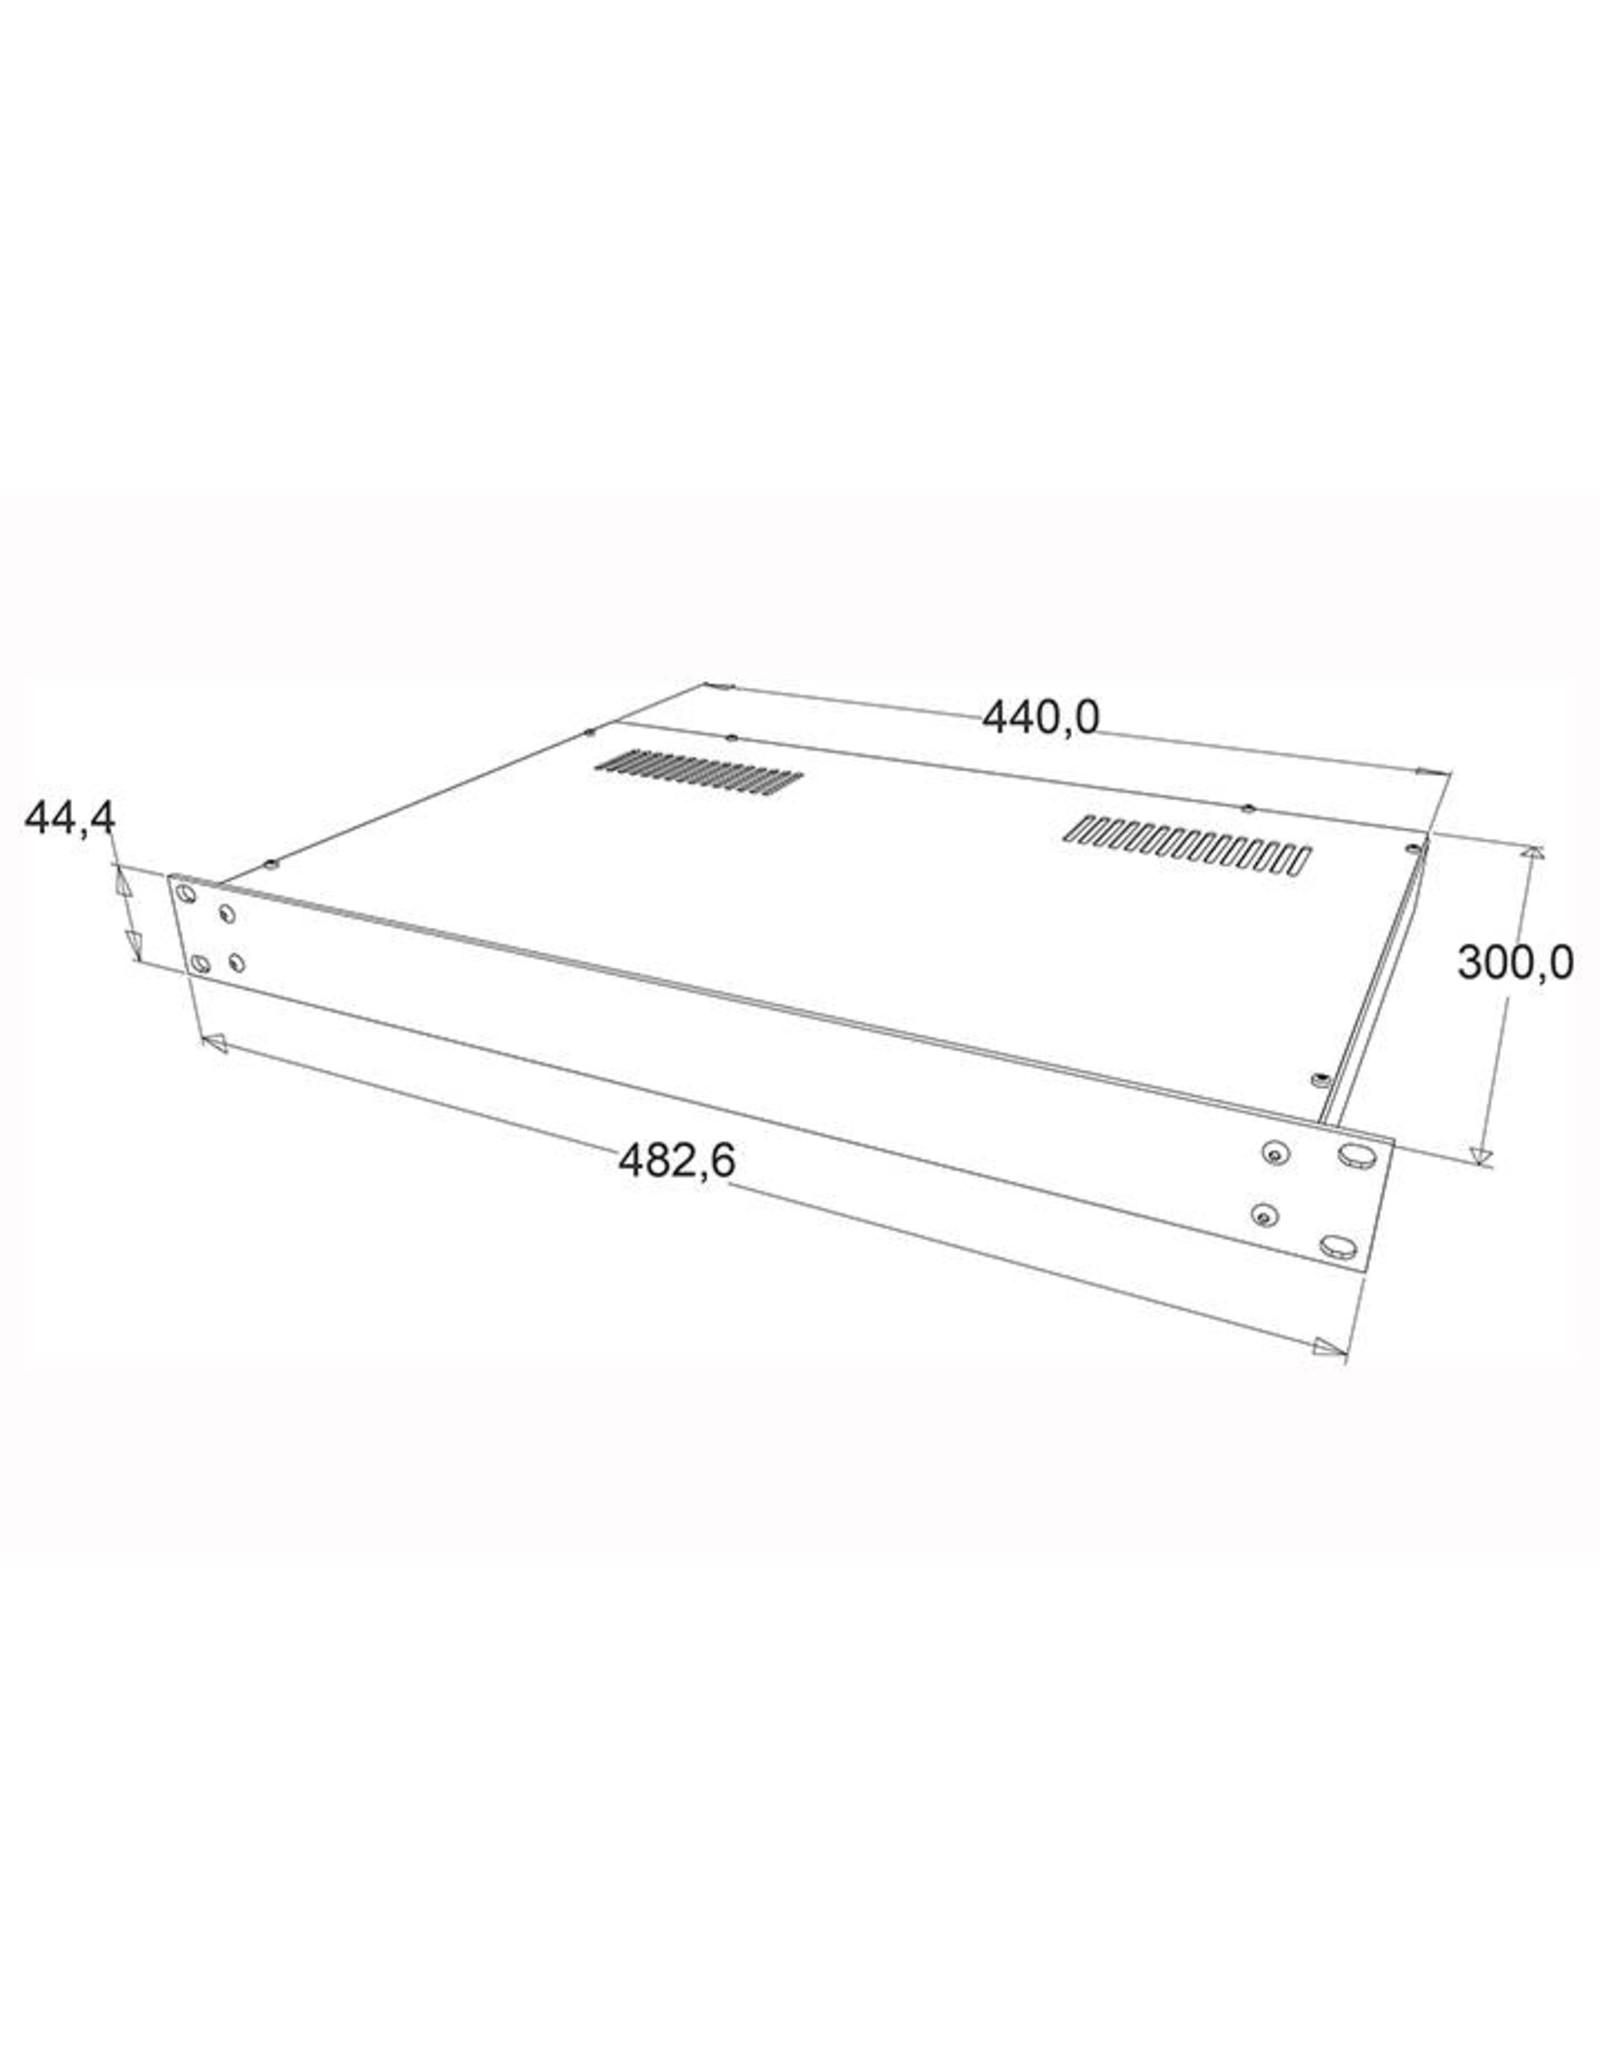 Penn Elcom Penn Elcom 19 inch kast + frontplaat, 1 HE, 300 mm diep